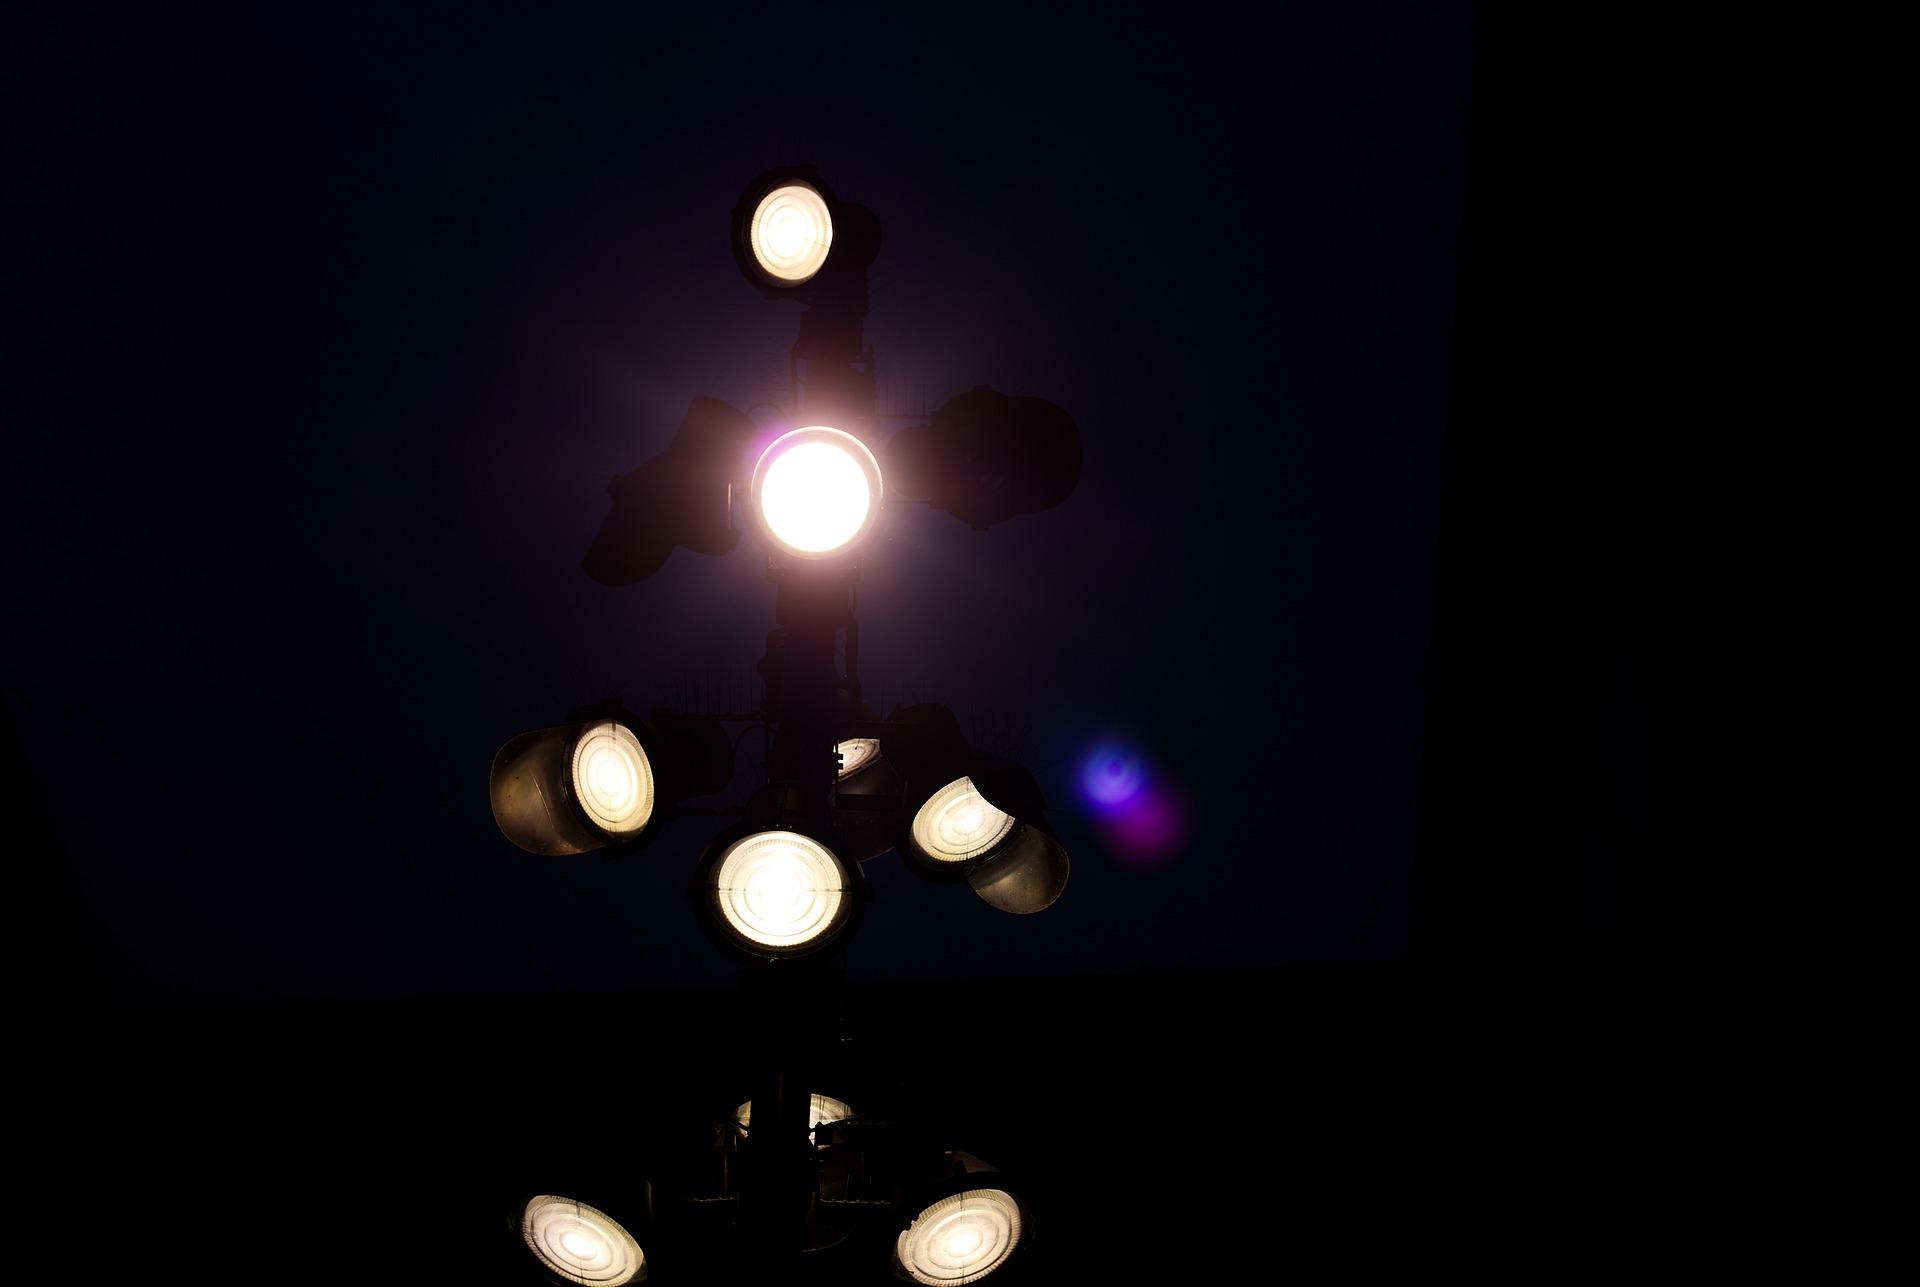 spotlight-gb8192343f_1920